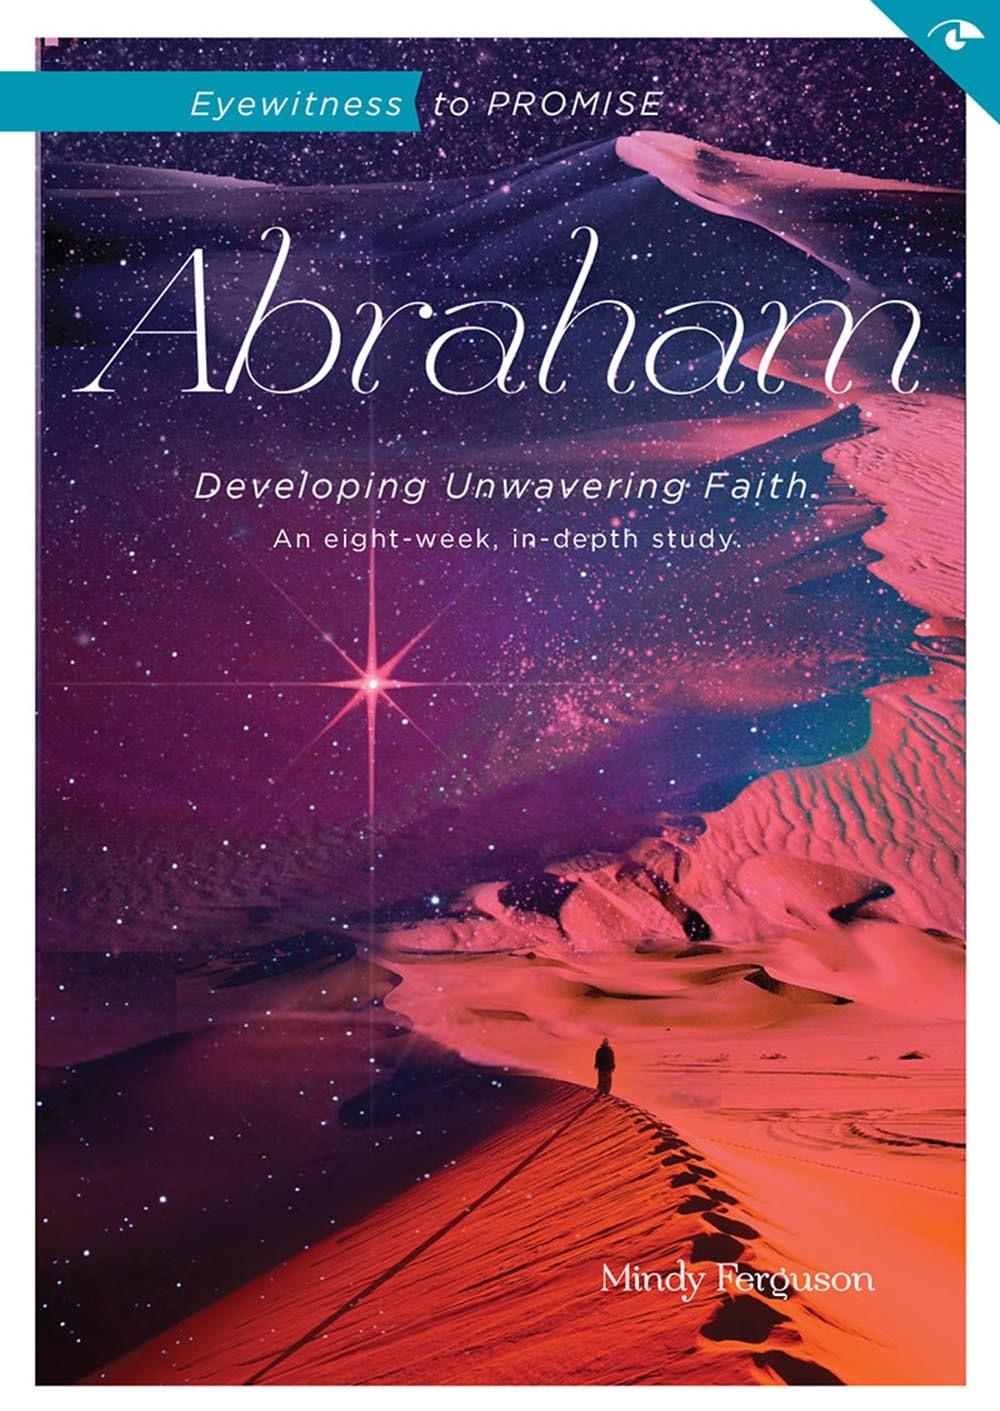 Eyewitness to Promise: Abraham: Developing Unwavering Faith Mindy Ferguson